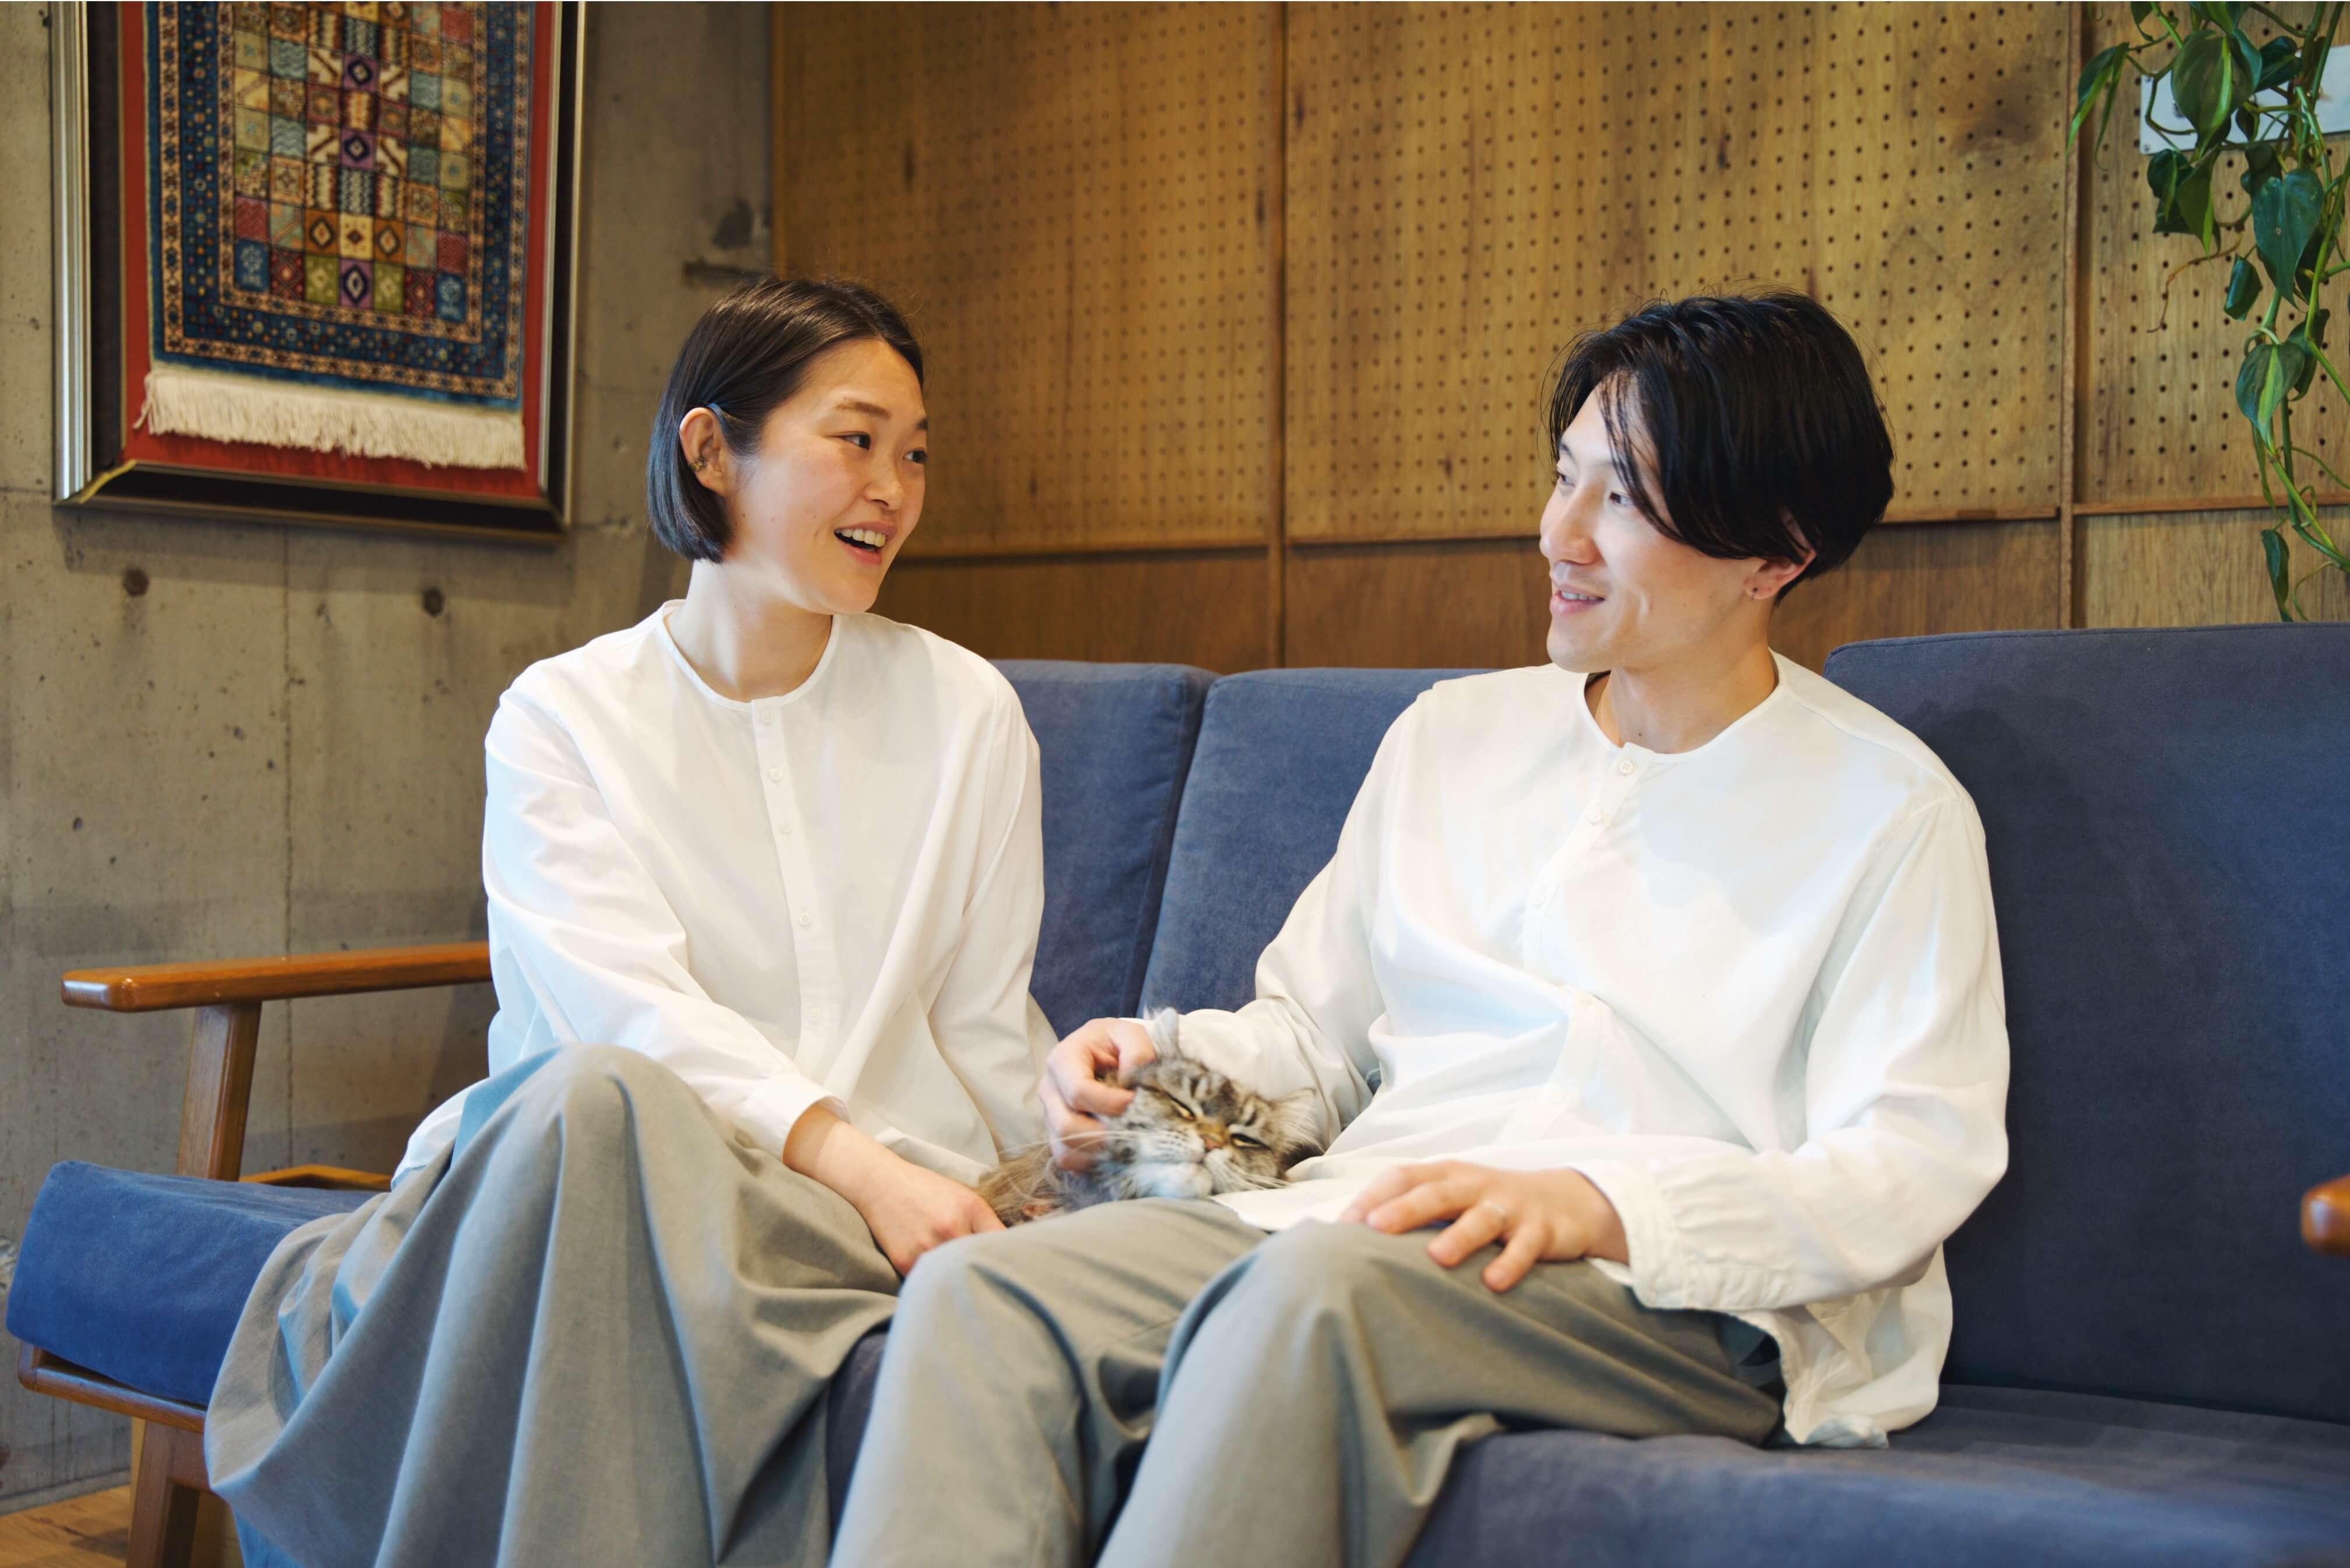 ペアーズでご結婚されたGokiさん・Momokoさんご夫婦